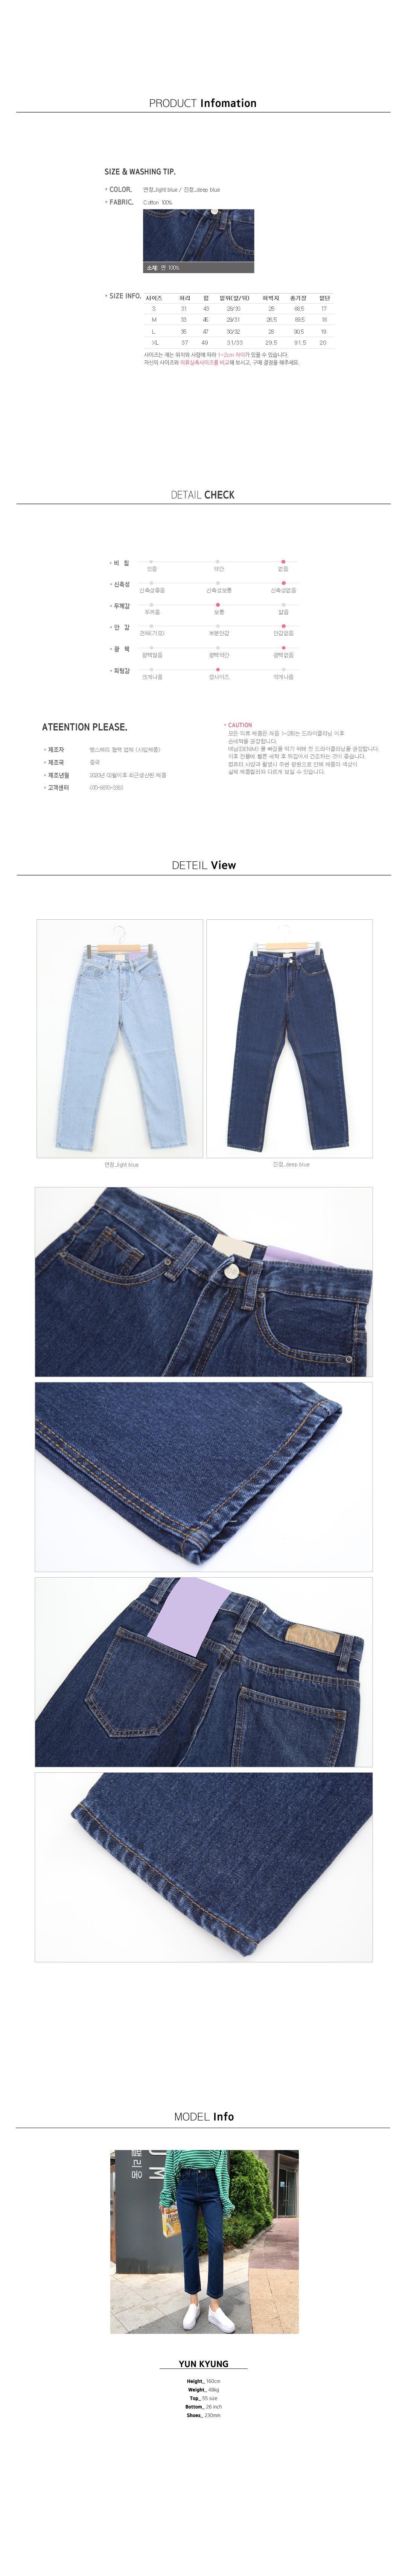 Core High West Part 9 Jeans